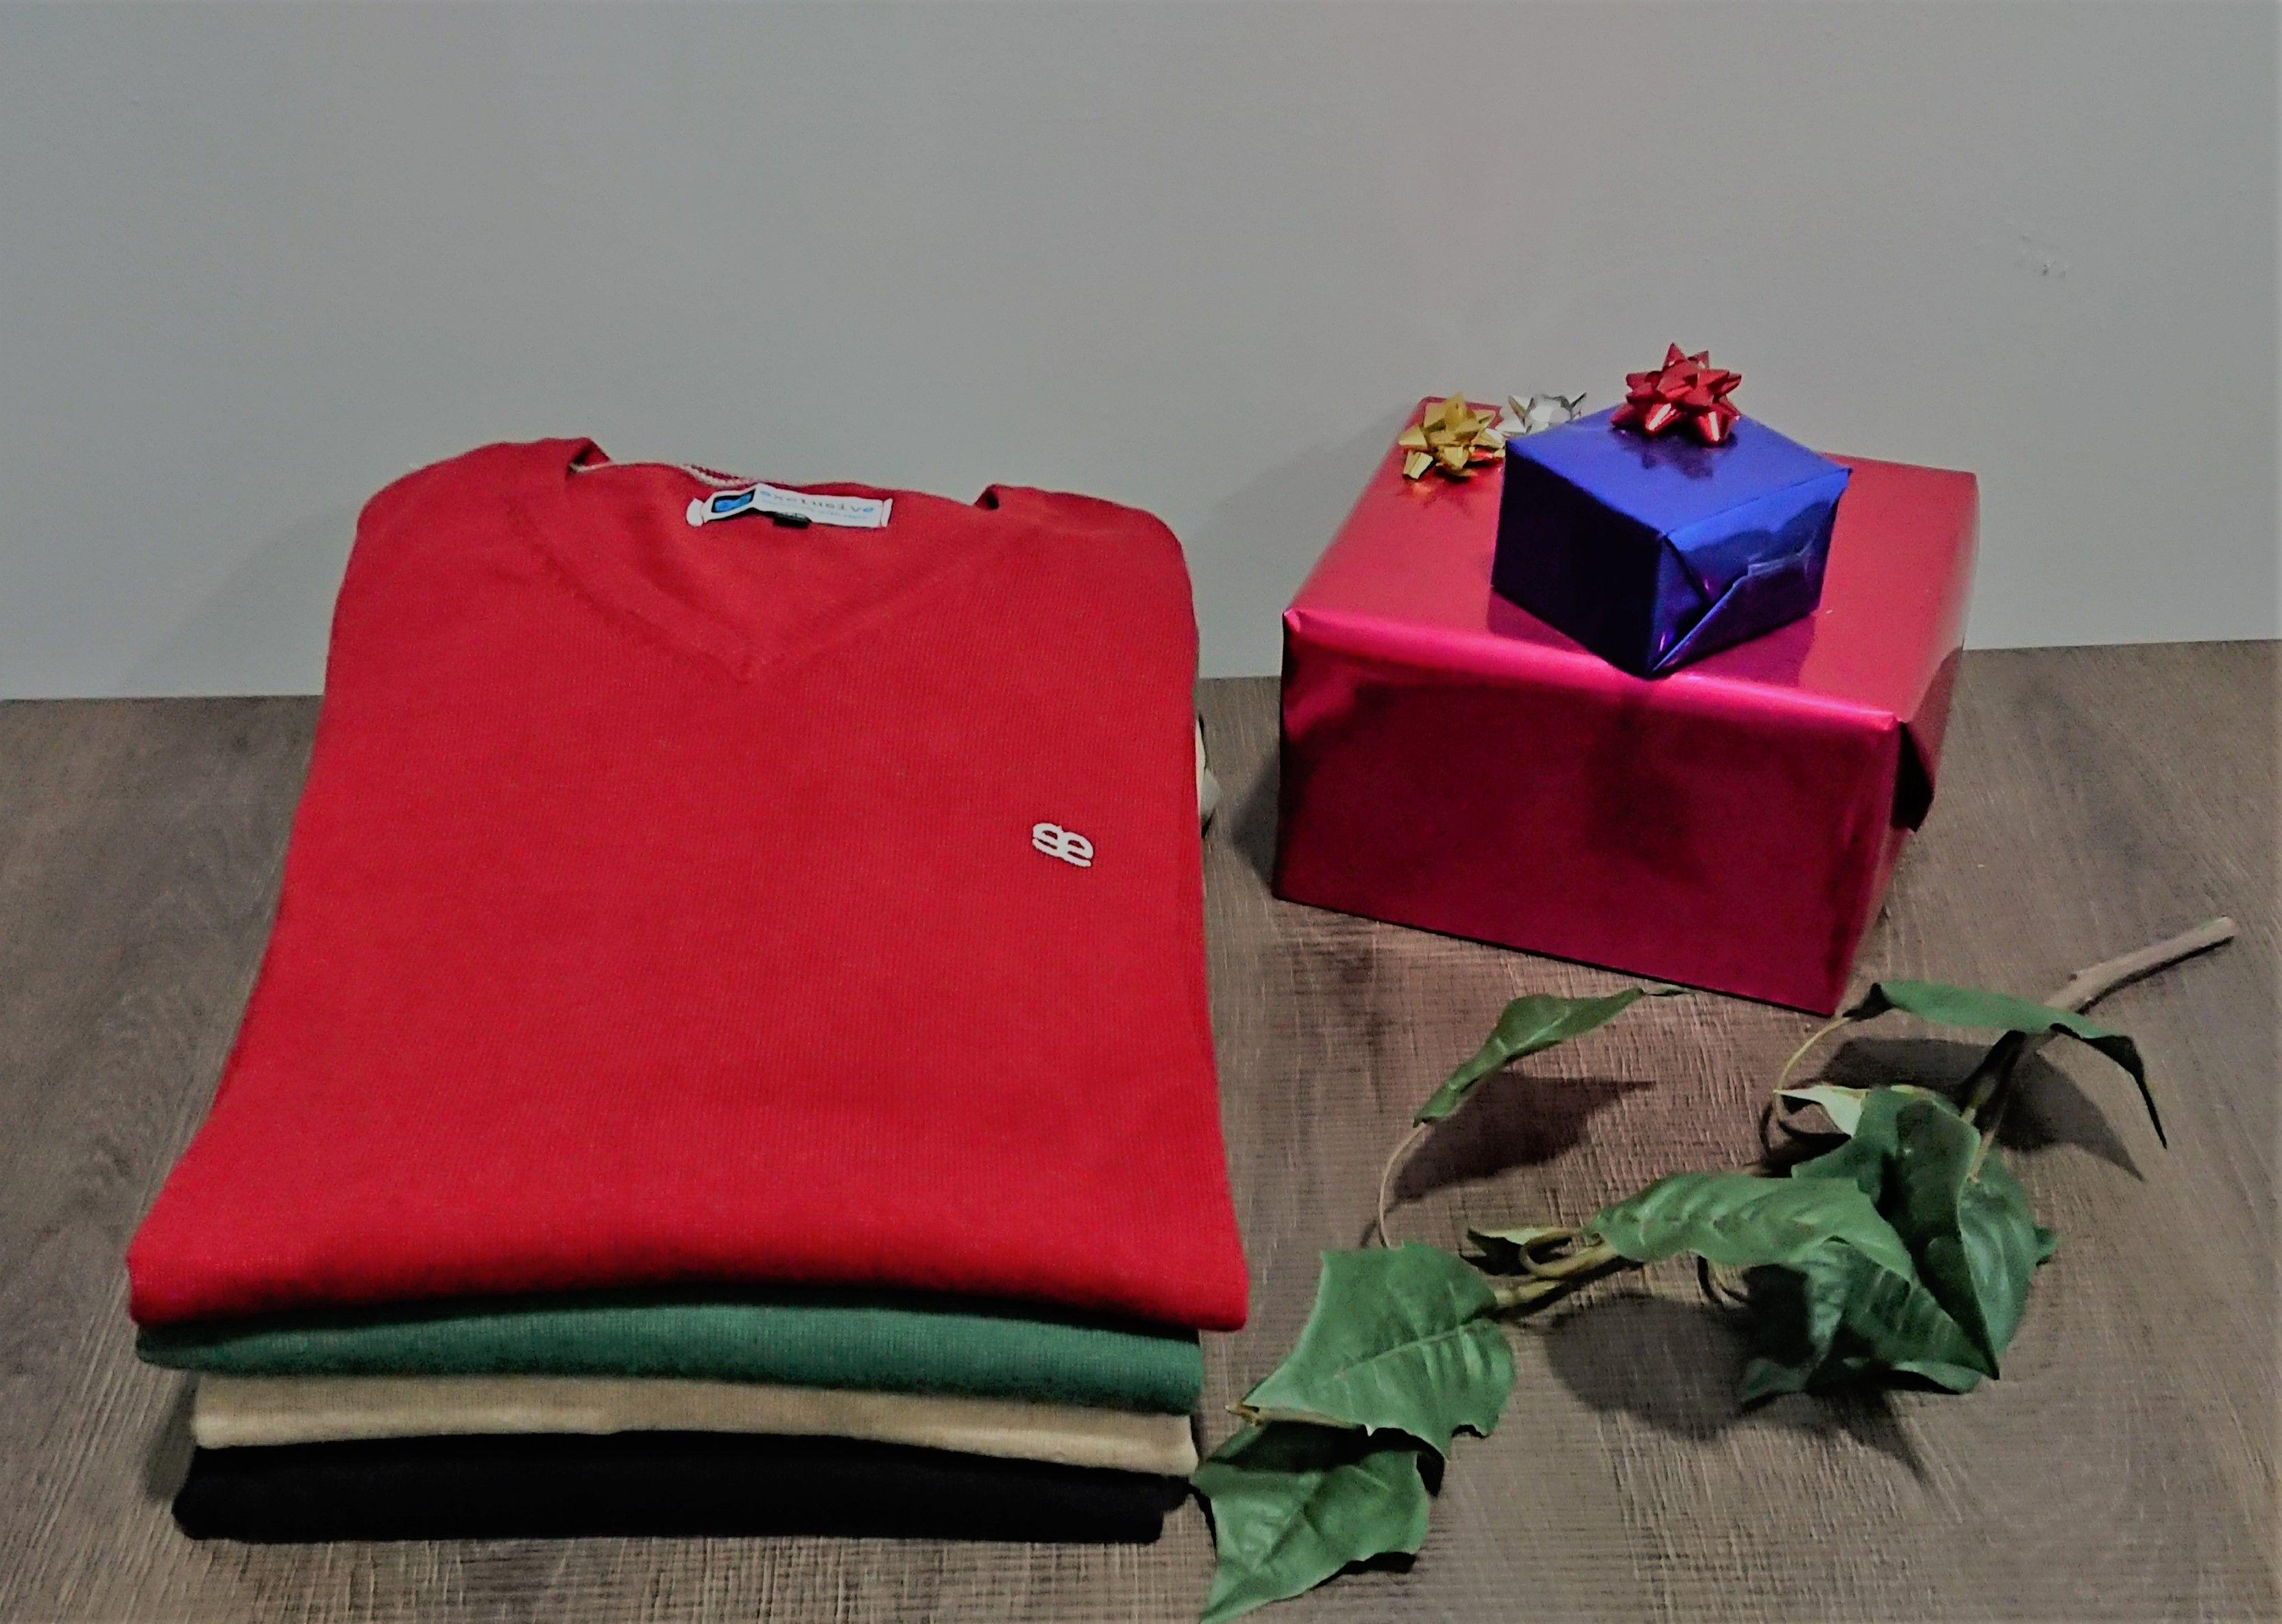 Mantente cómodo este Domingo con un suéter clásico. #eeexclusive #España #Madrid  Tus regalos de Reyes perfectos!! Envío gratuito para toda la península!! 🇪🇸 TIENDA ONLINE 24h www.eeexclusive.com TIENDA FISICA C/ General Pardiñas, 114 Madrid 28006 #Exclusively #Wiht #Style